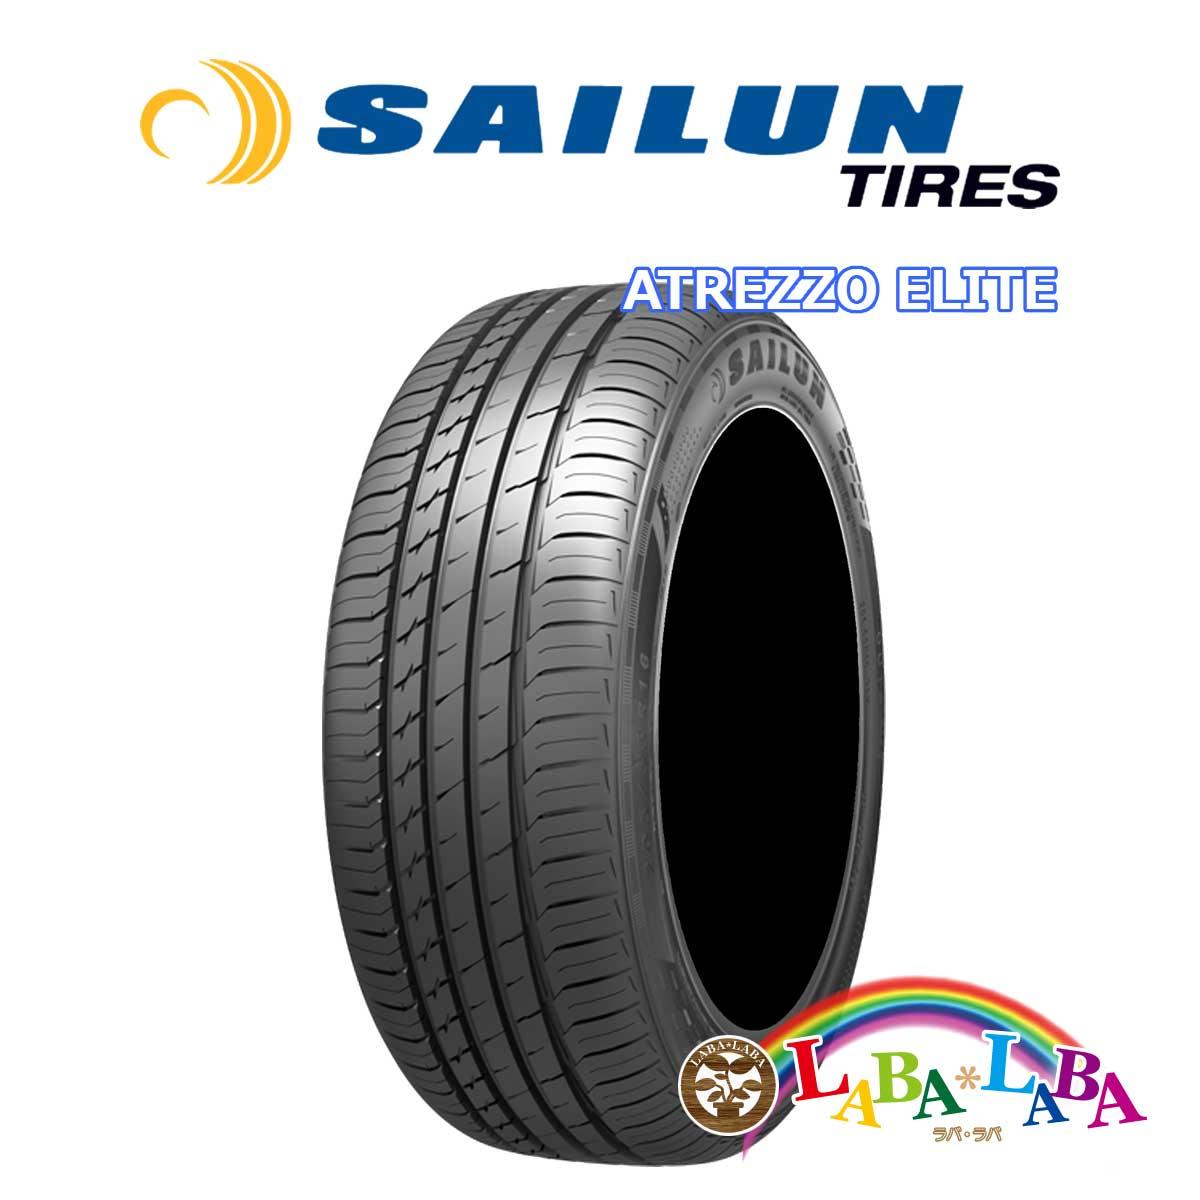 送料無料 数量は多 輸入タイヤ サマータイヤ 新品 タイヤのみ 4本SET SAILUN サイレン ATREZZO 185 アトレッツォ 新品未使用正規品 88H 60R15 XL ELITE 4本セット